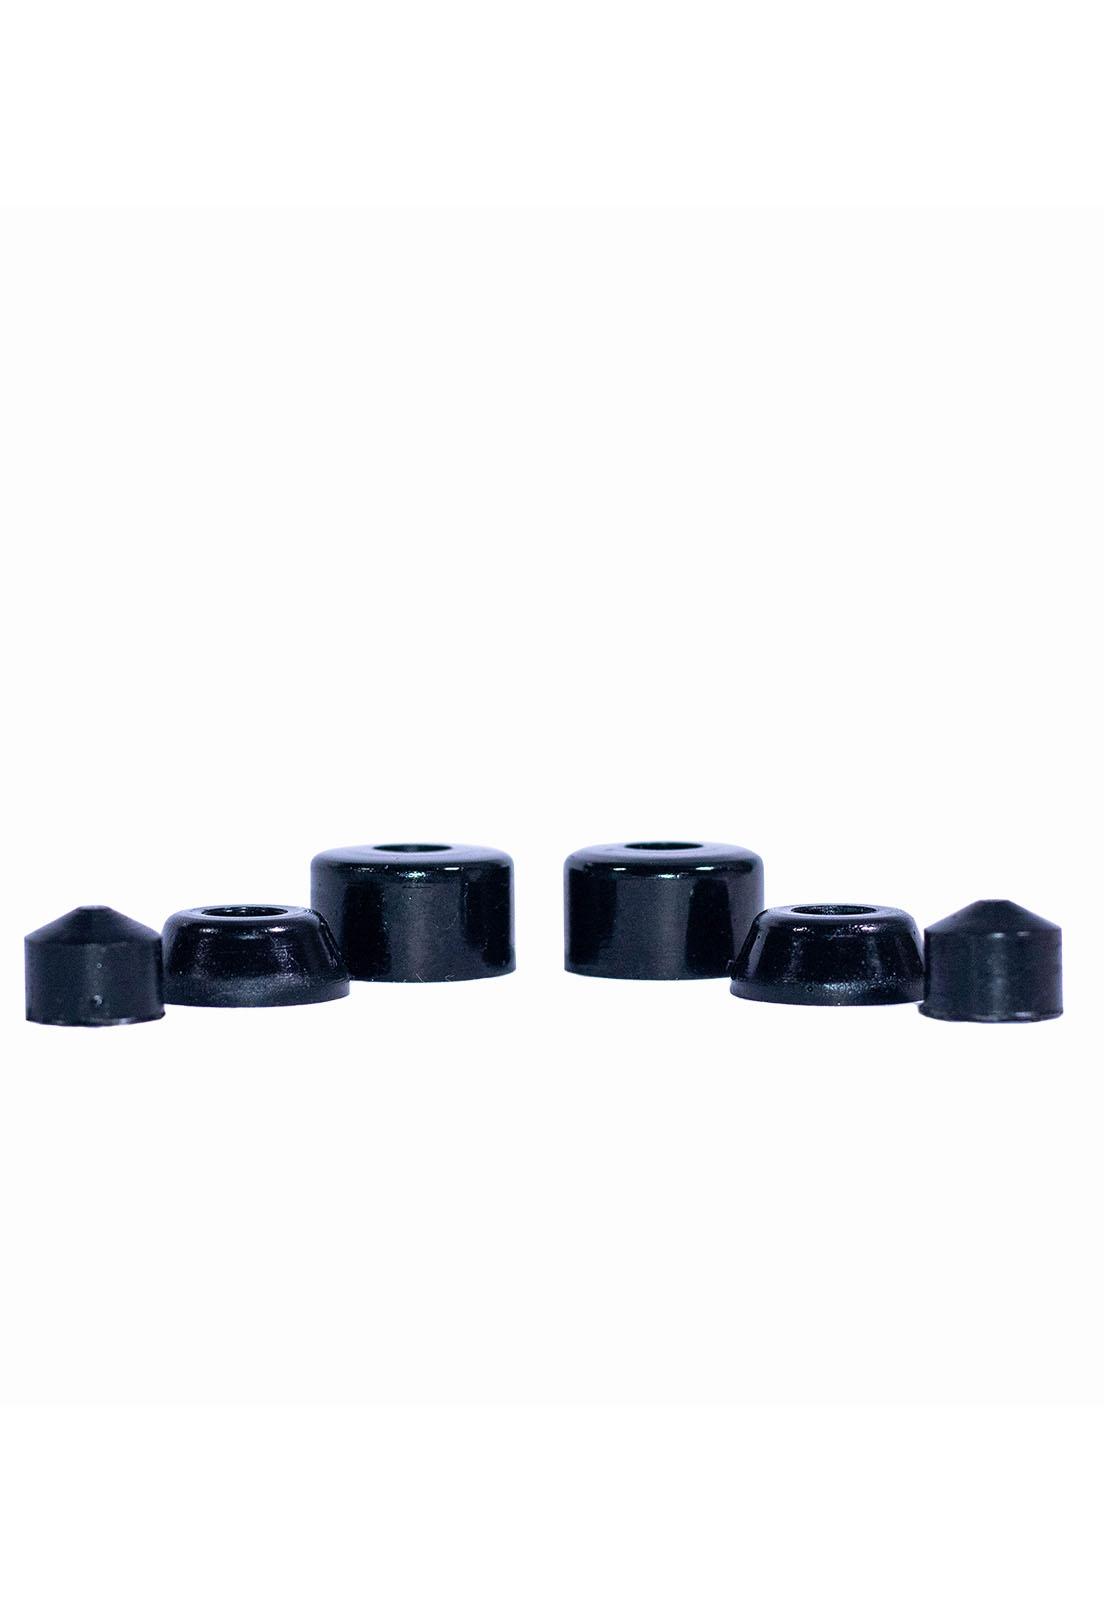 Amortecedor Poliuretano Fundido Conico 9,5mm Cisco Skate Black